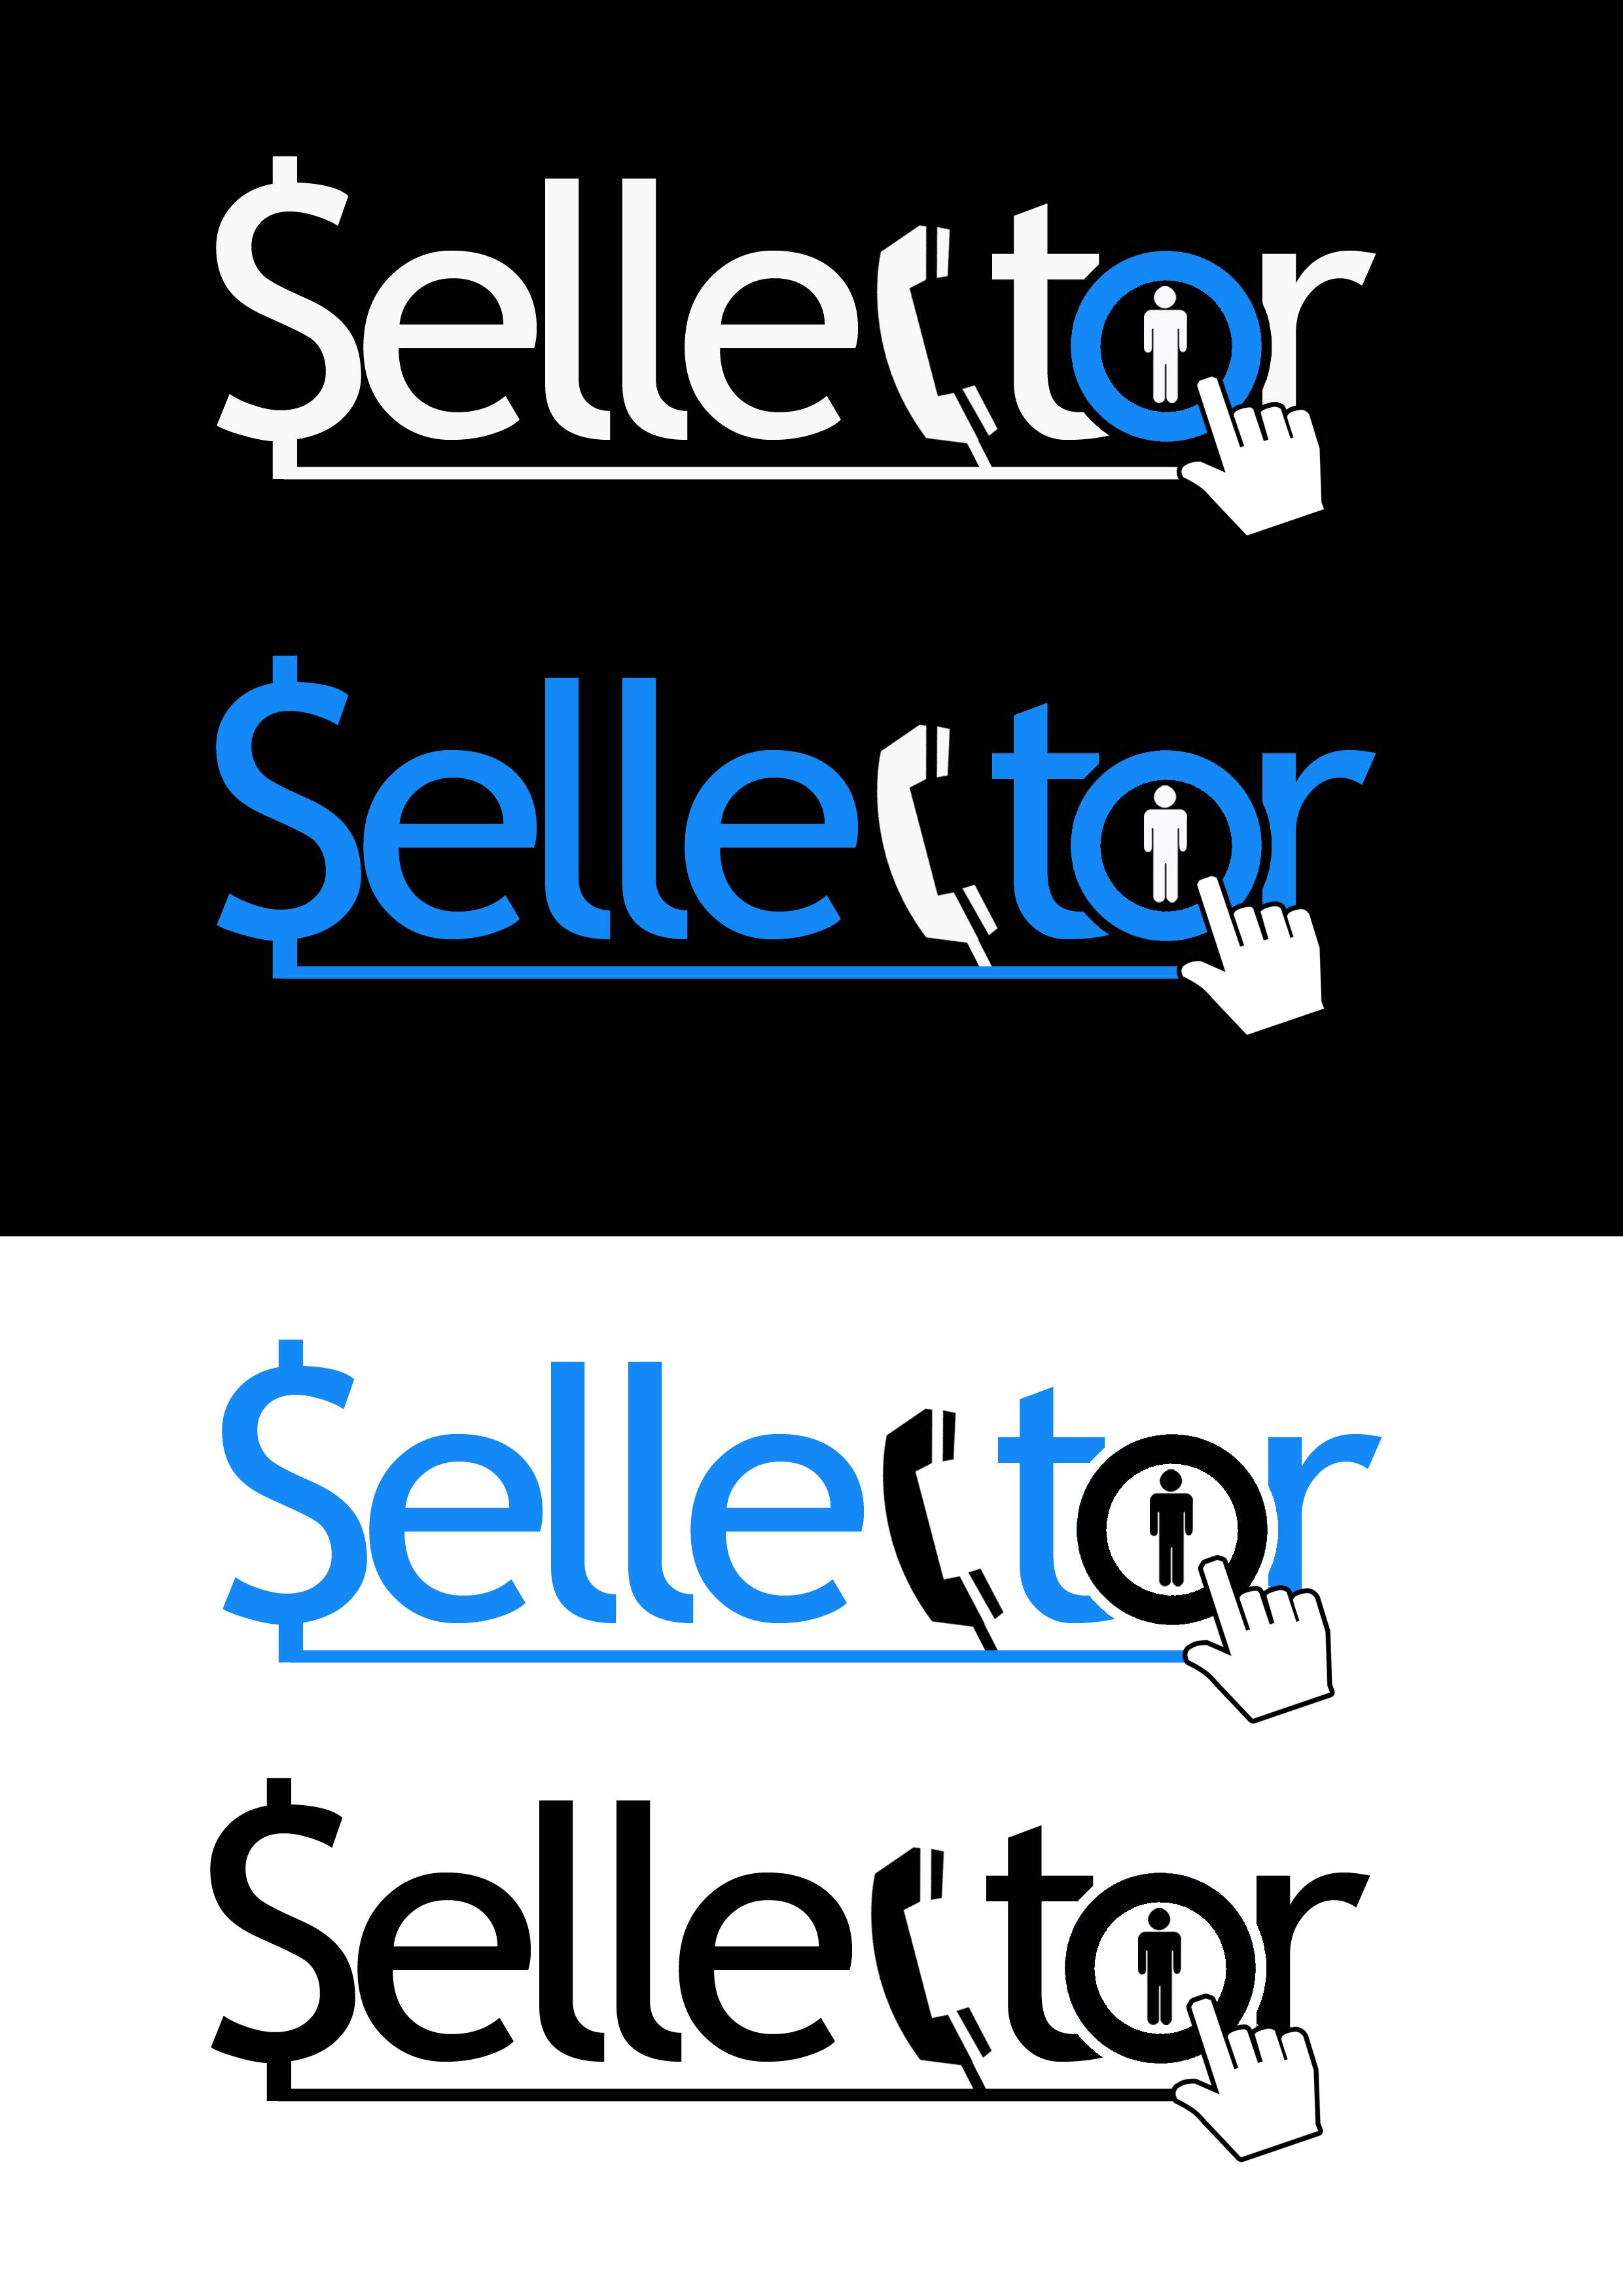 Logo Design by Leo Sam Quintos - Entry No. 114 in the Logo Design Contest Imaginative Logo Design for Sellector.